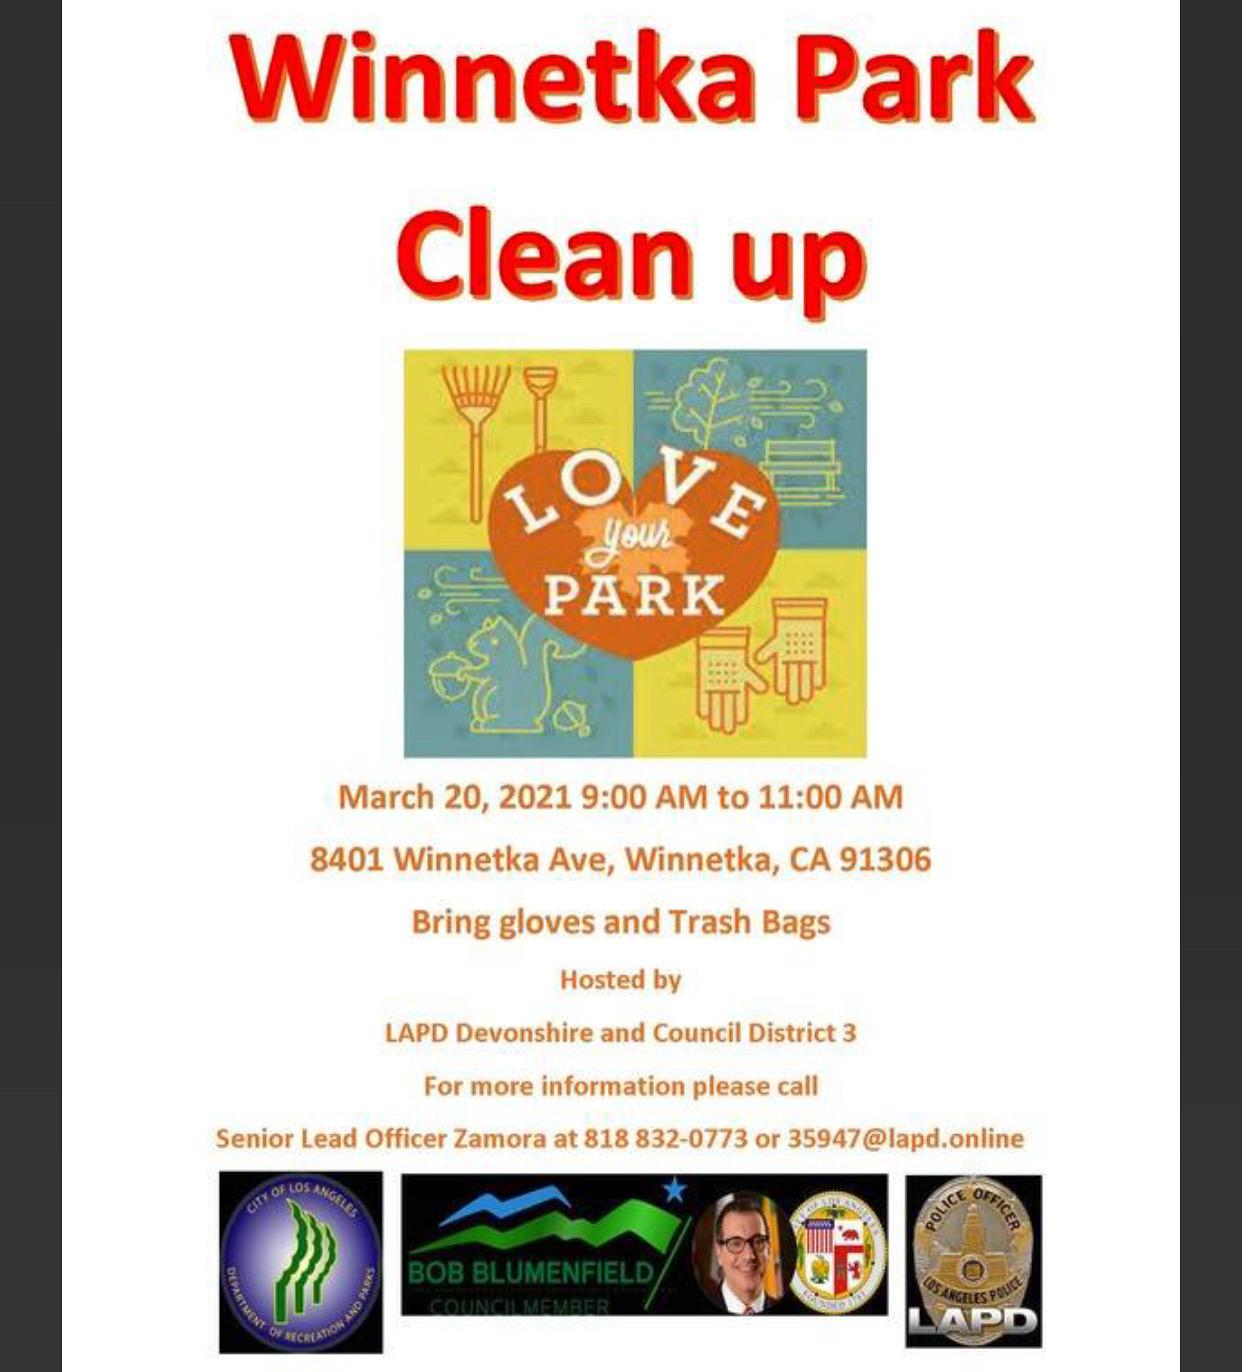 winnetka park clean up